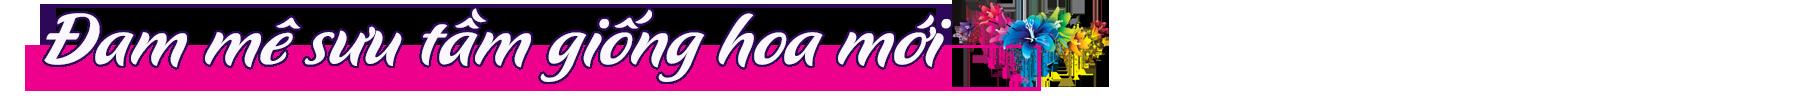 """[Emagazine] """"Phù thủy"""" của các loài hoa màu tím - Ảnh 3."""